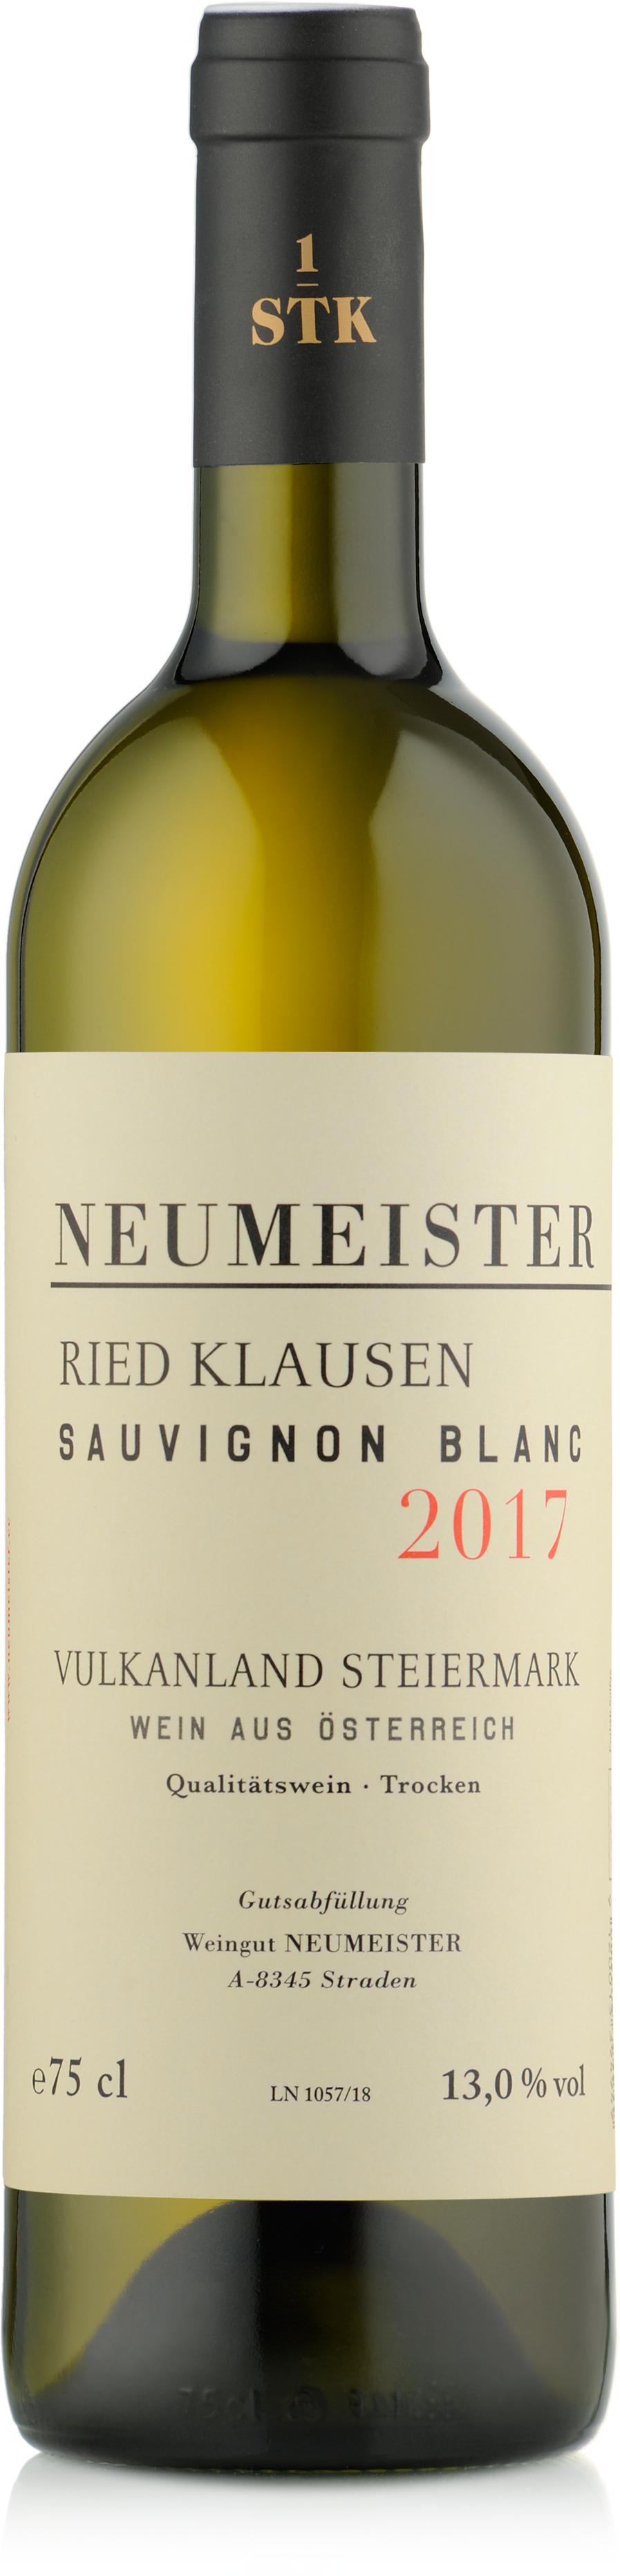 Ried Klausen Sauvignon Blanc 1stk 2017 - Weingut Neumeister